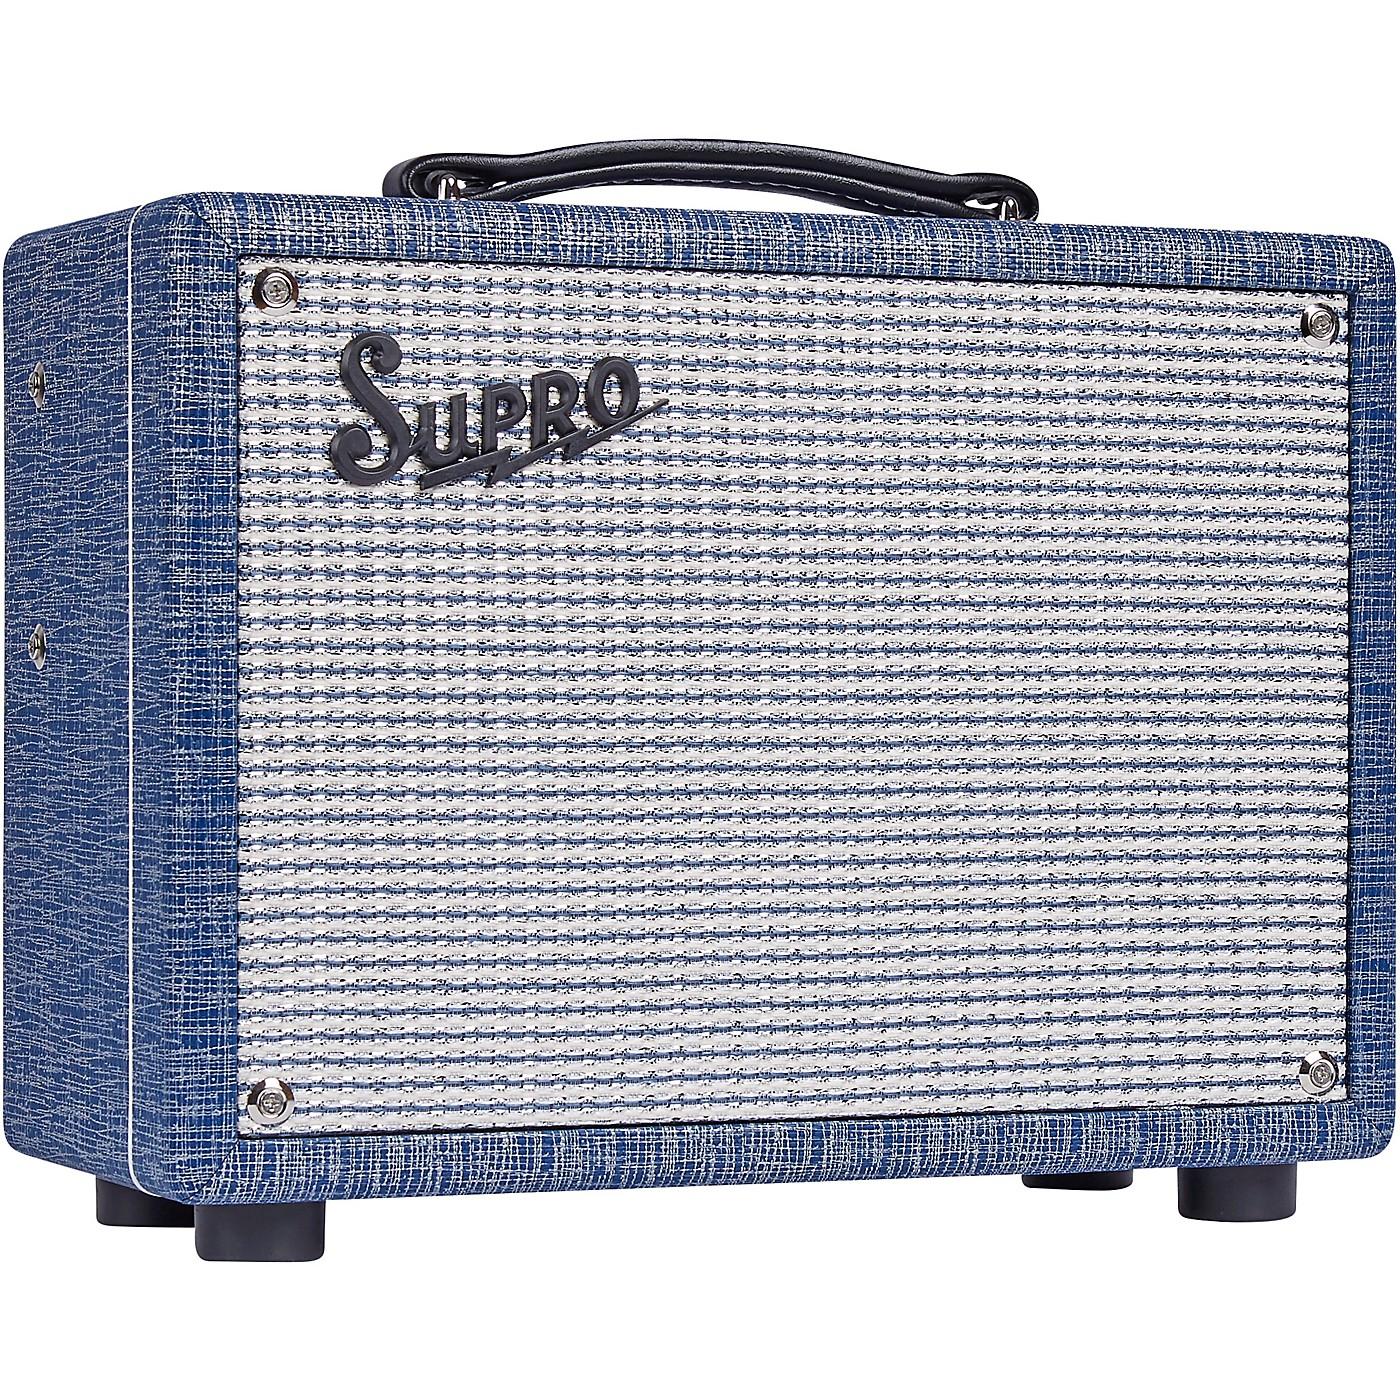 Supro 1605RJ 64 Reverb 5W 1x8 Tube Guitar Combo Amp thumbnail